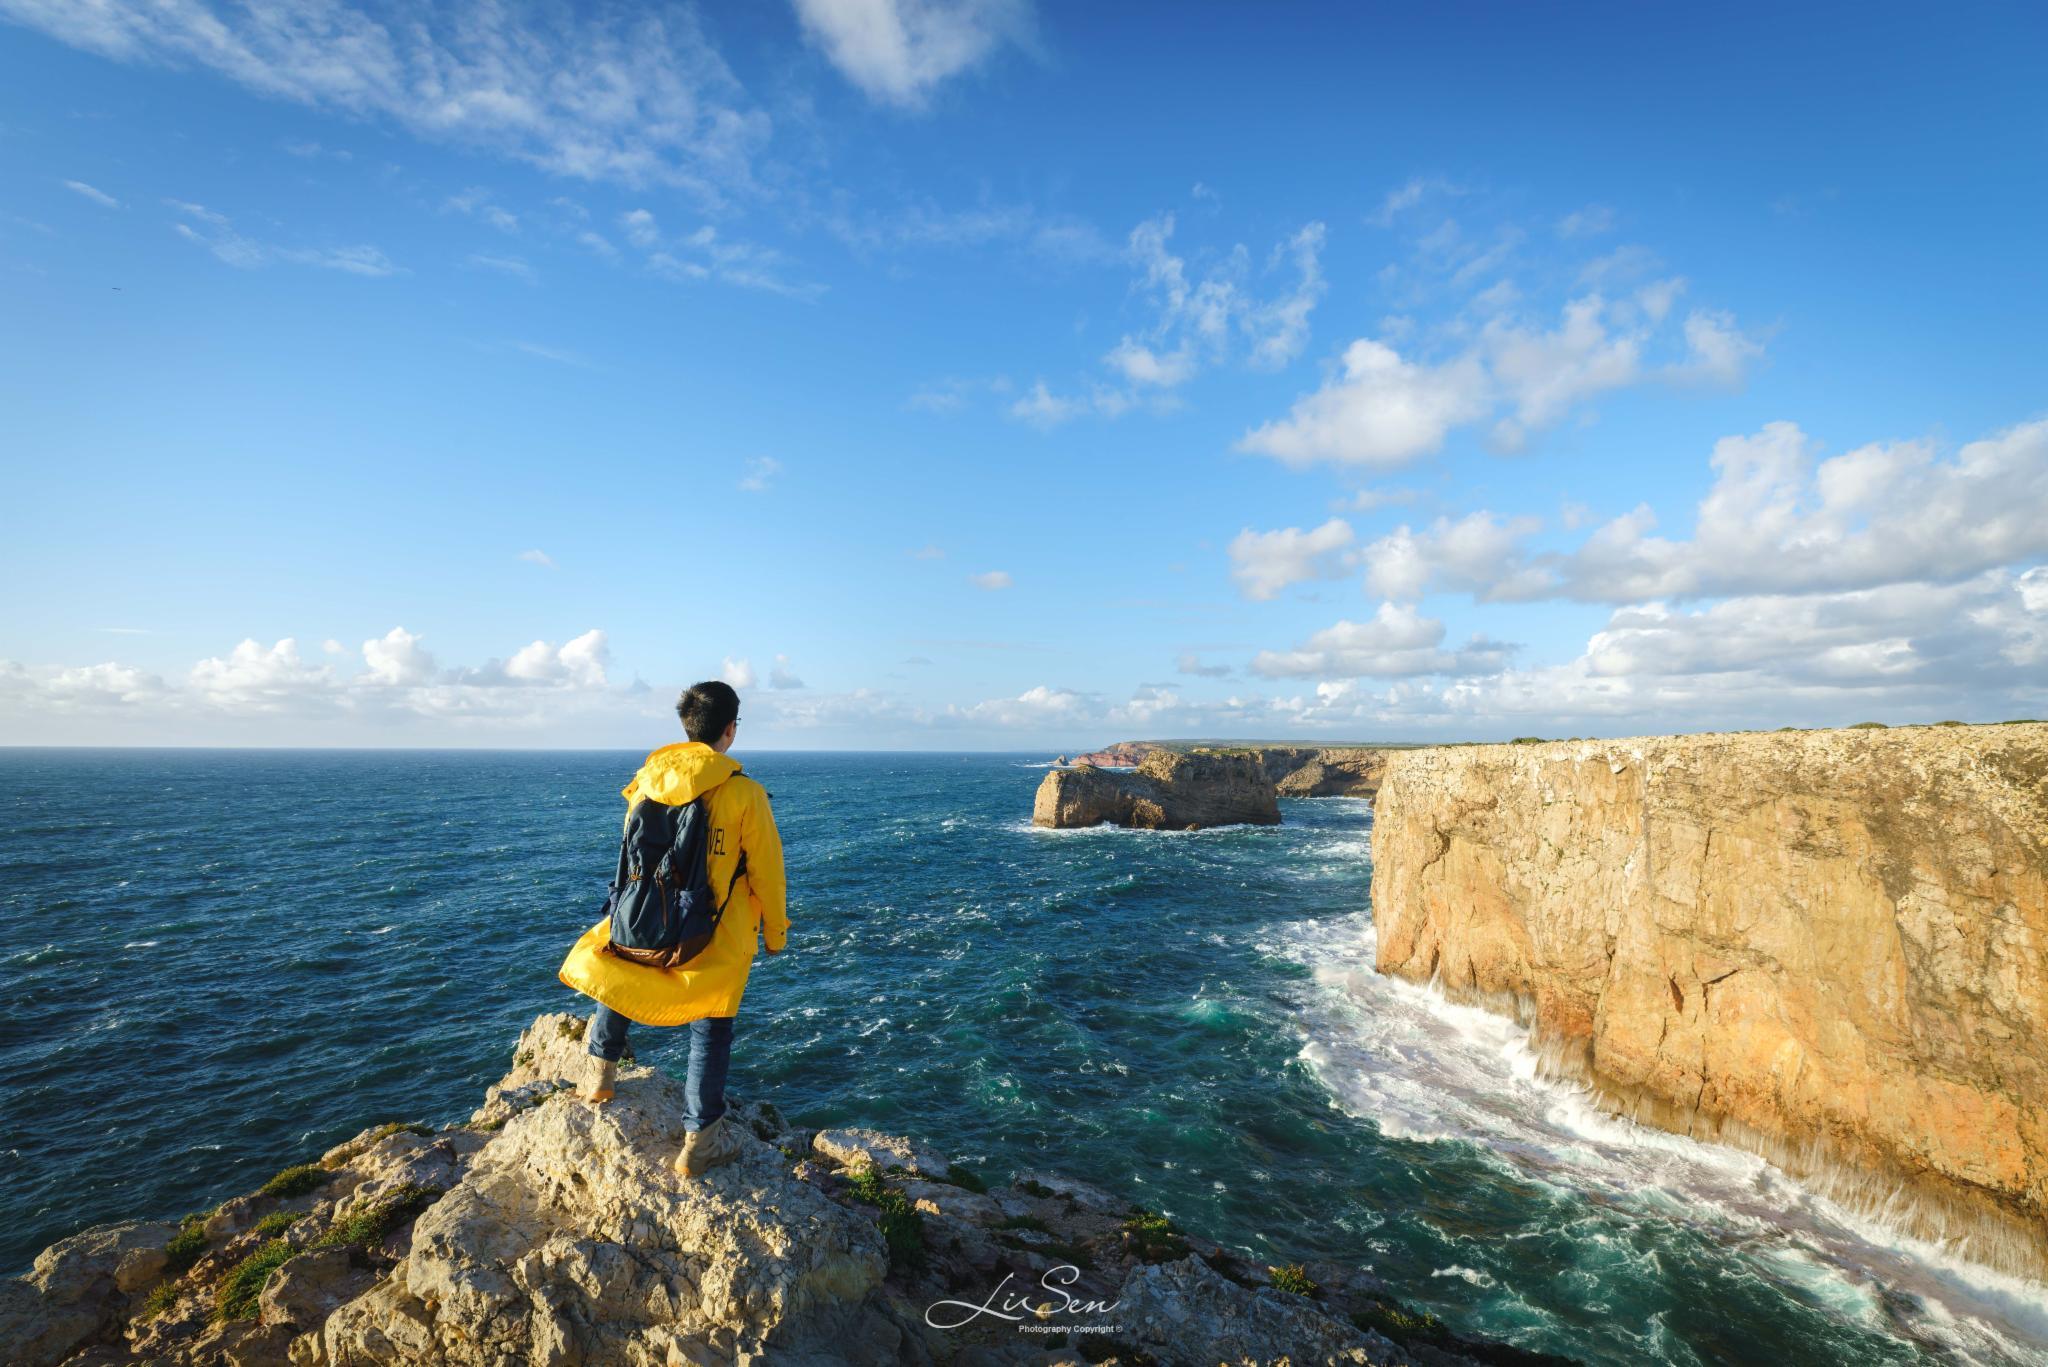 『 葡萄牙 』阿尔加维海岸线自驾之旅,在海风呼啸中探访那被遗忘的秘境